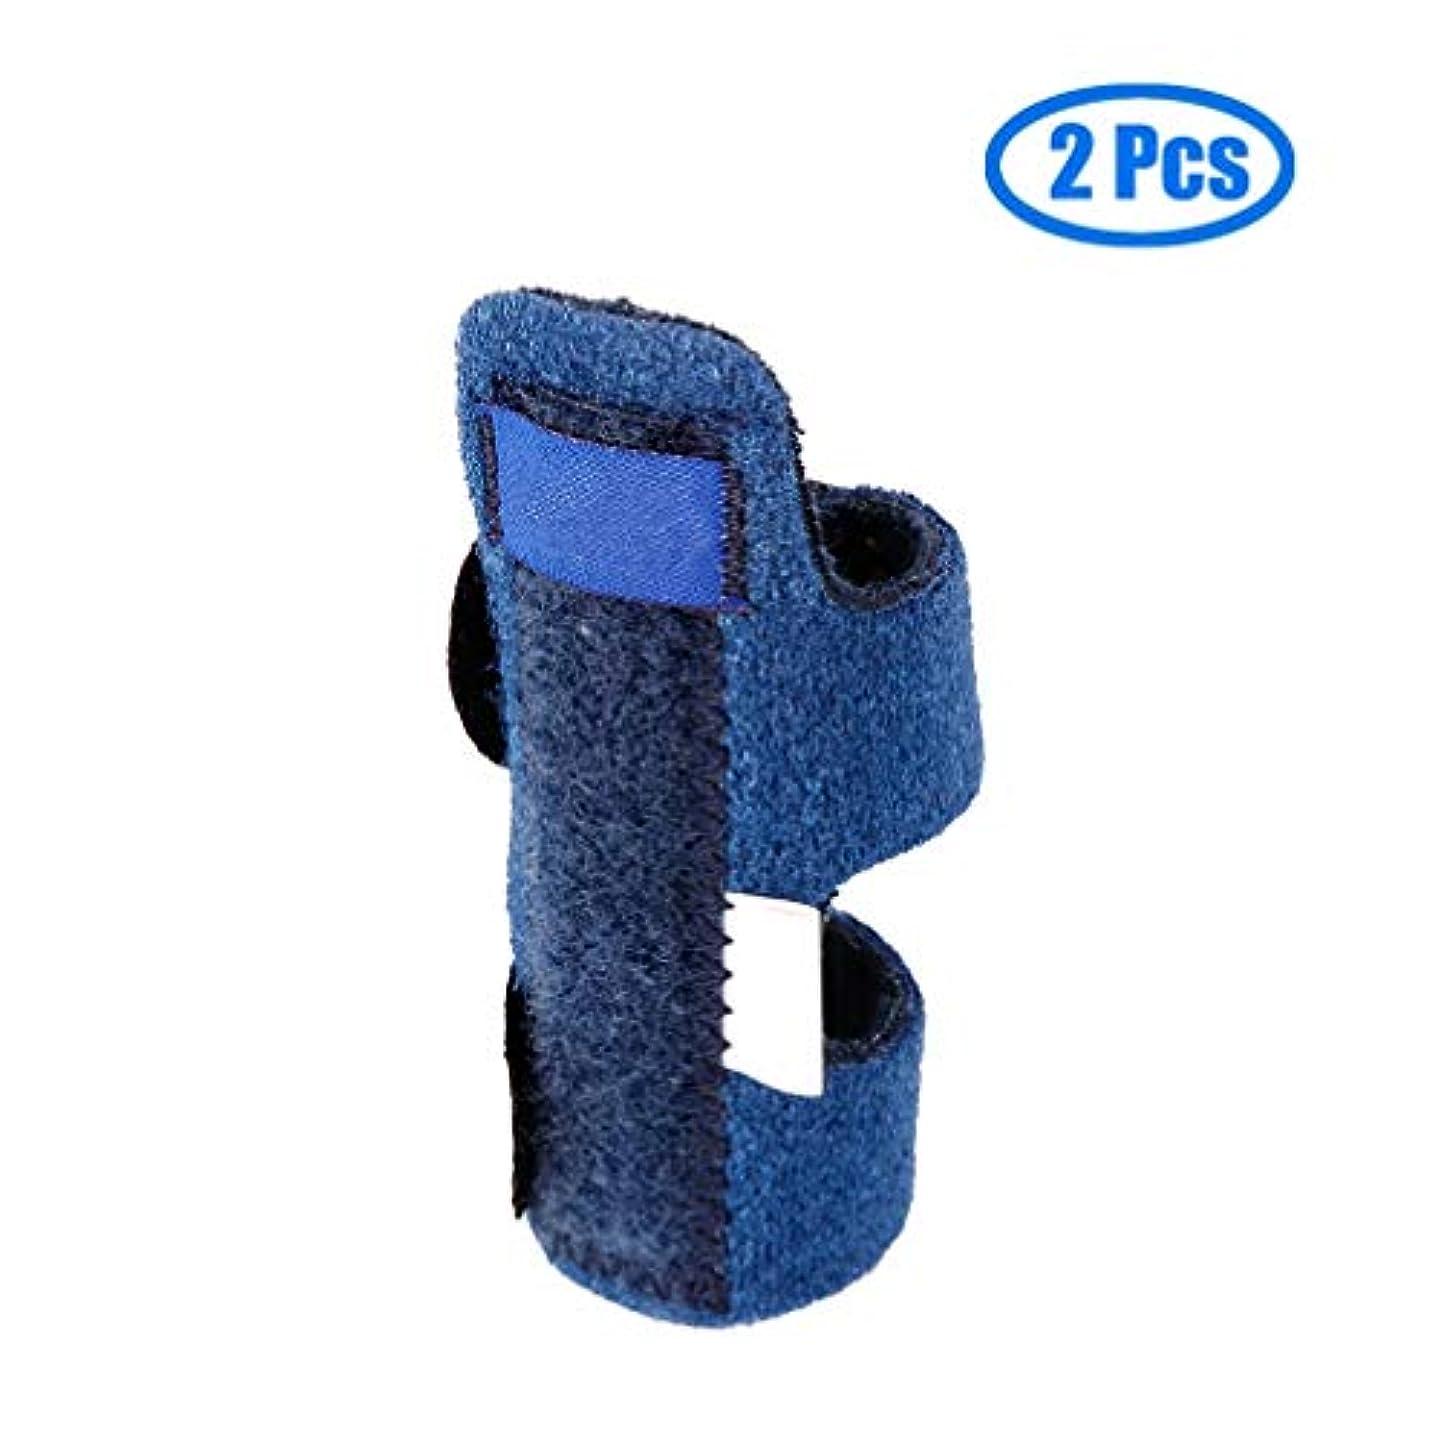 便利さ薄いピケトリガーフィンガースプリント、トリガーフィンガーブレース、ビルトインアルミサポートトリガー、マレットフィンガーミドルフィンガー、ピンキーフィンガー、関節炎、ブロークンフィンガー(2パック)